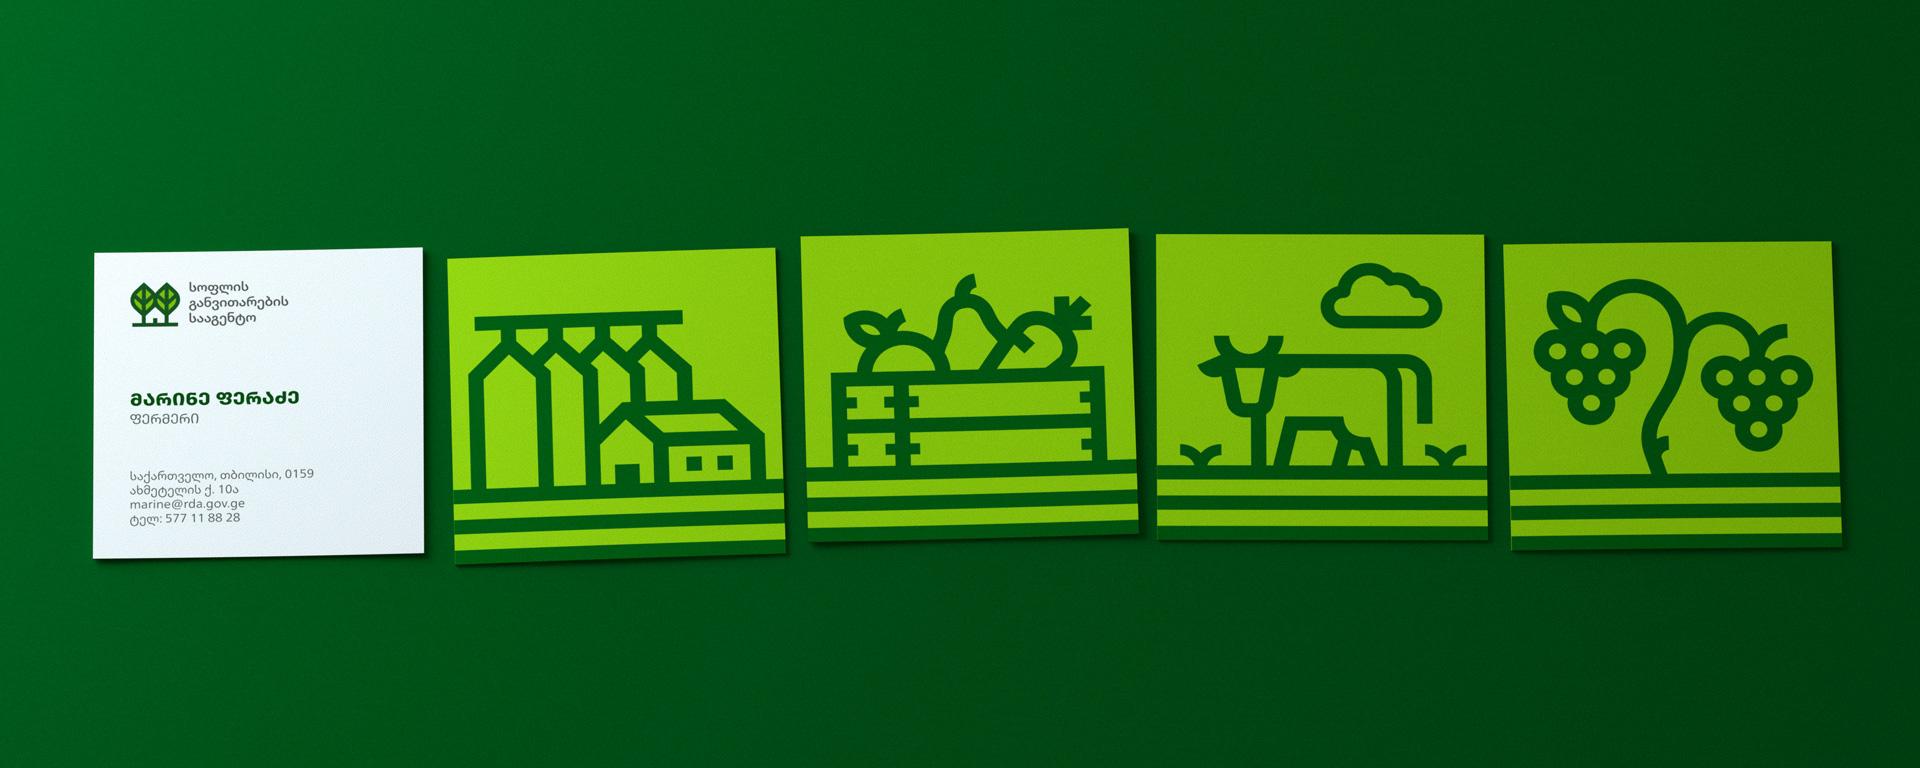 RDA-Cards-Top-View-GreenBG-1920-q80-1